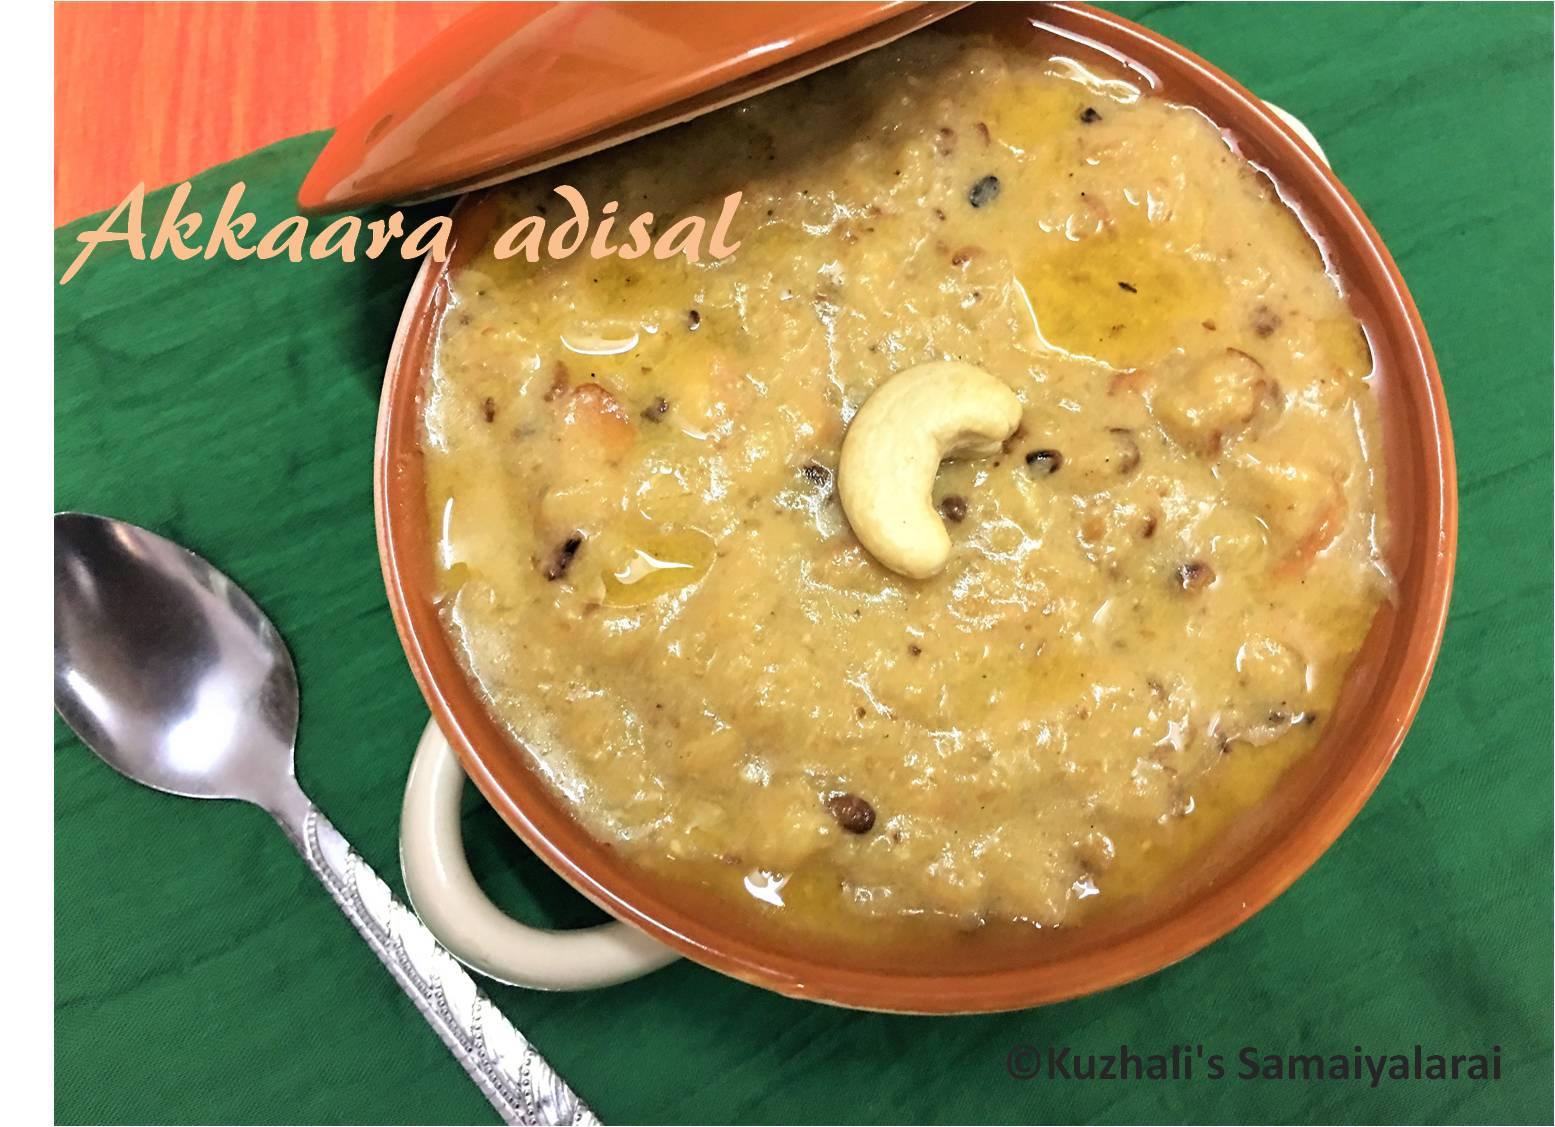 http://www.kuzhalisamaiyalarai.in/2017/01/akkaara-adisalakkara-vadisal-sweet-milk.html